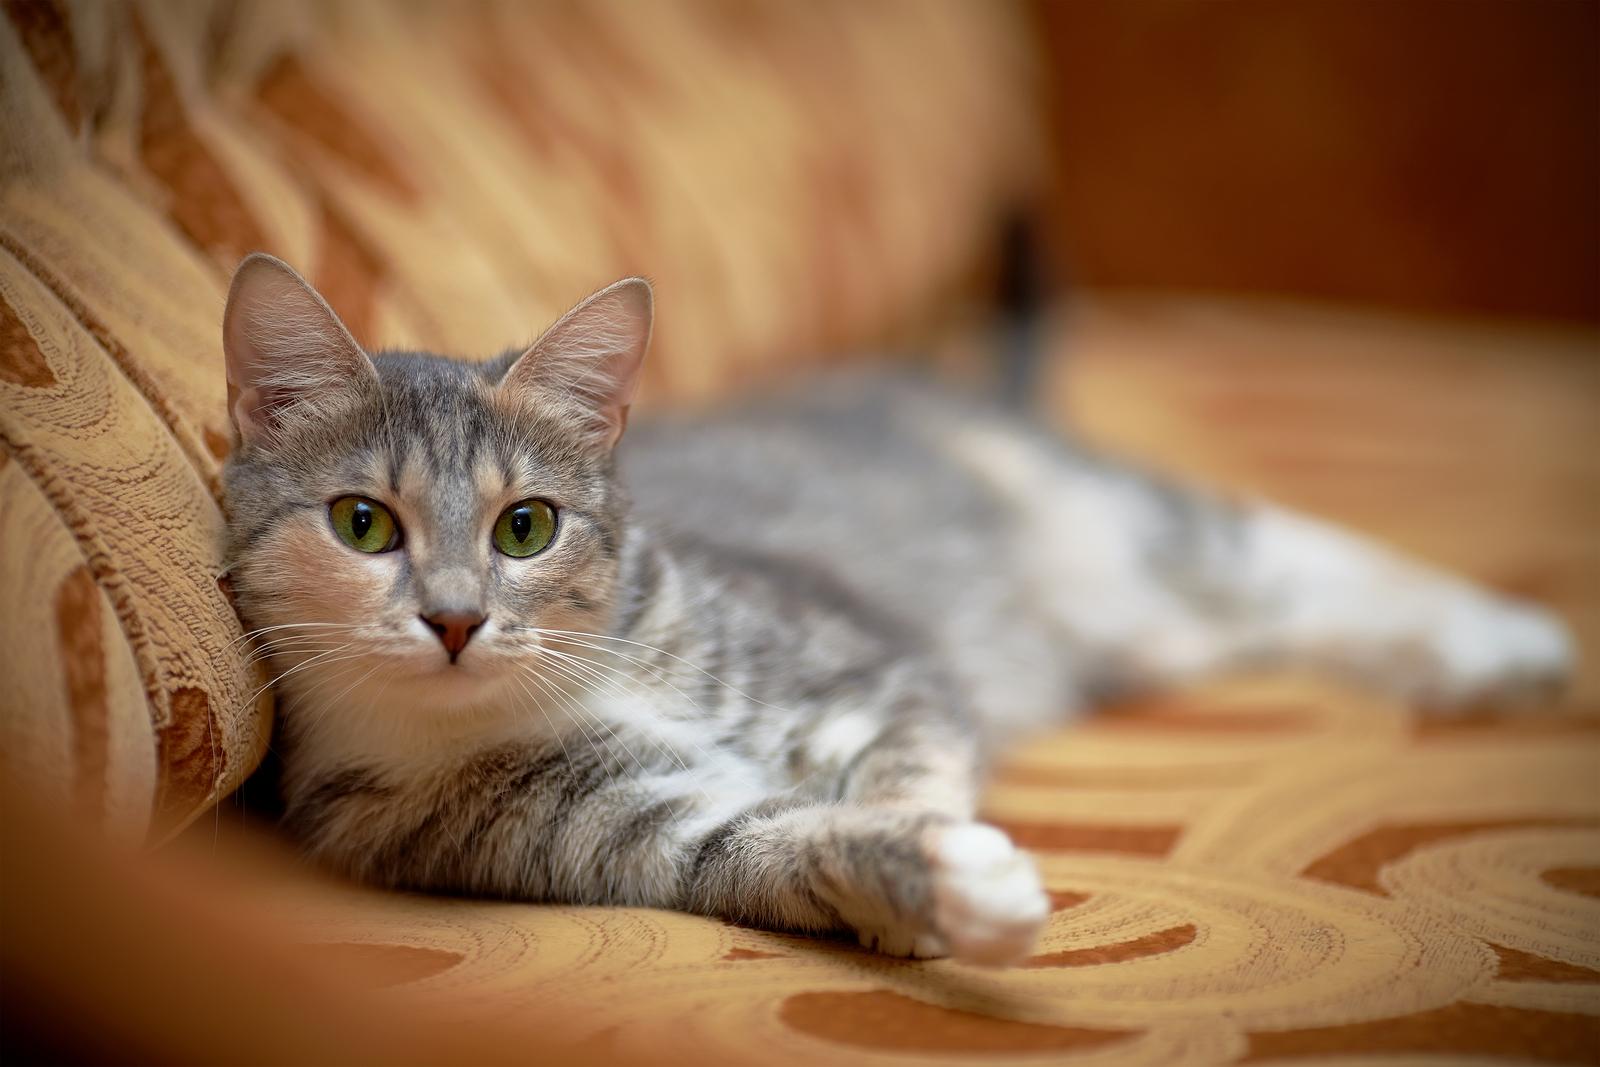 Tinggalkan Kucing Di Rumah? Ini Yang Anda Perlu Lakukan